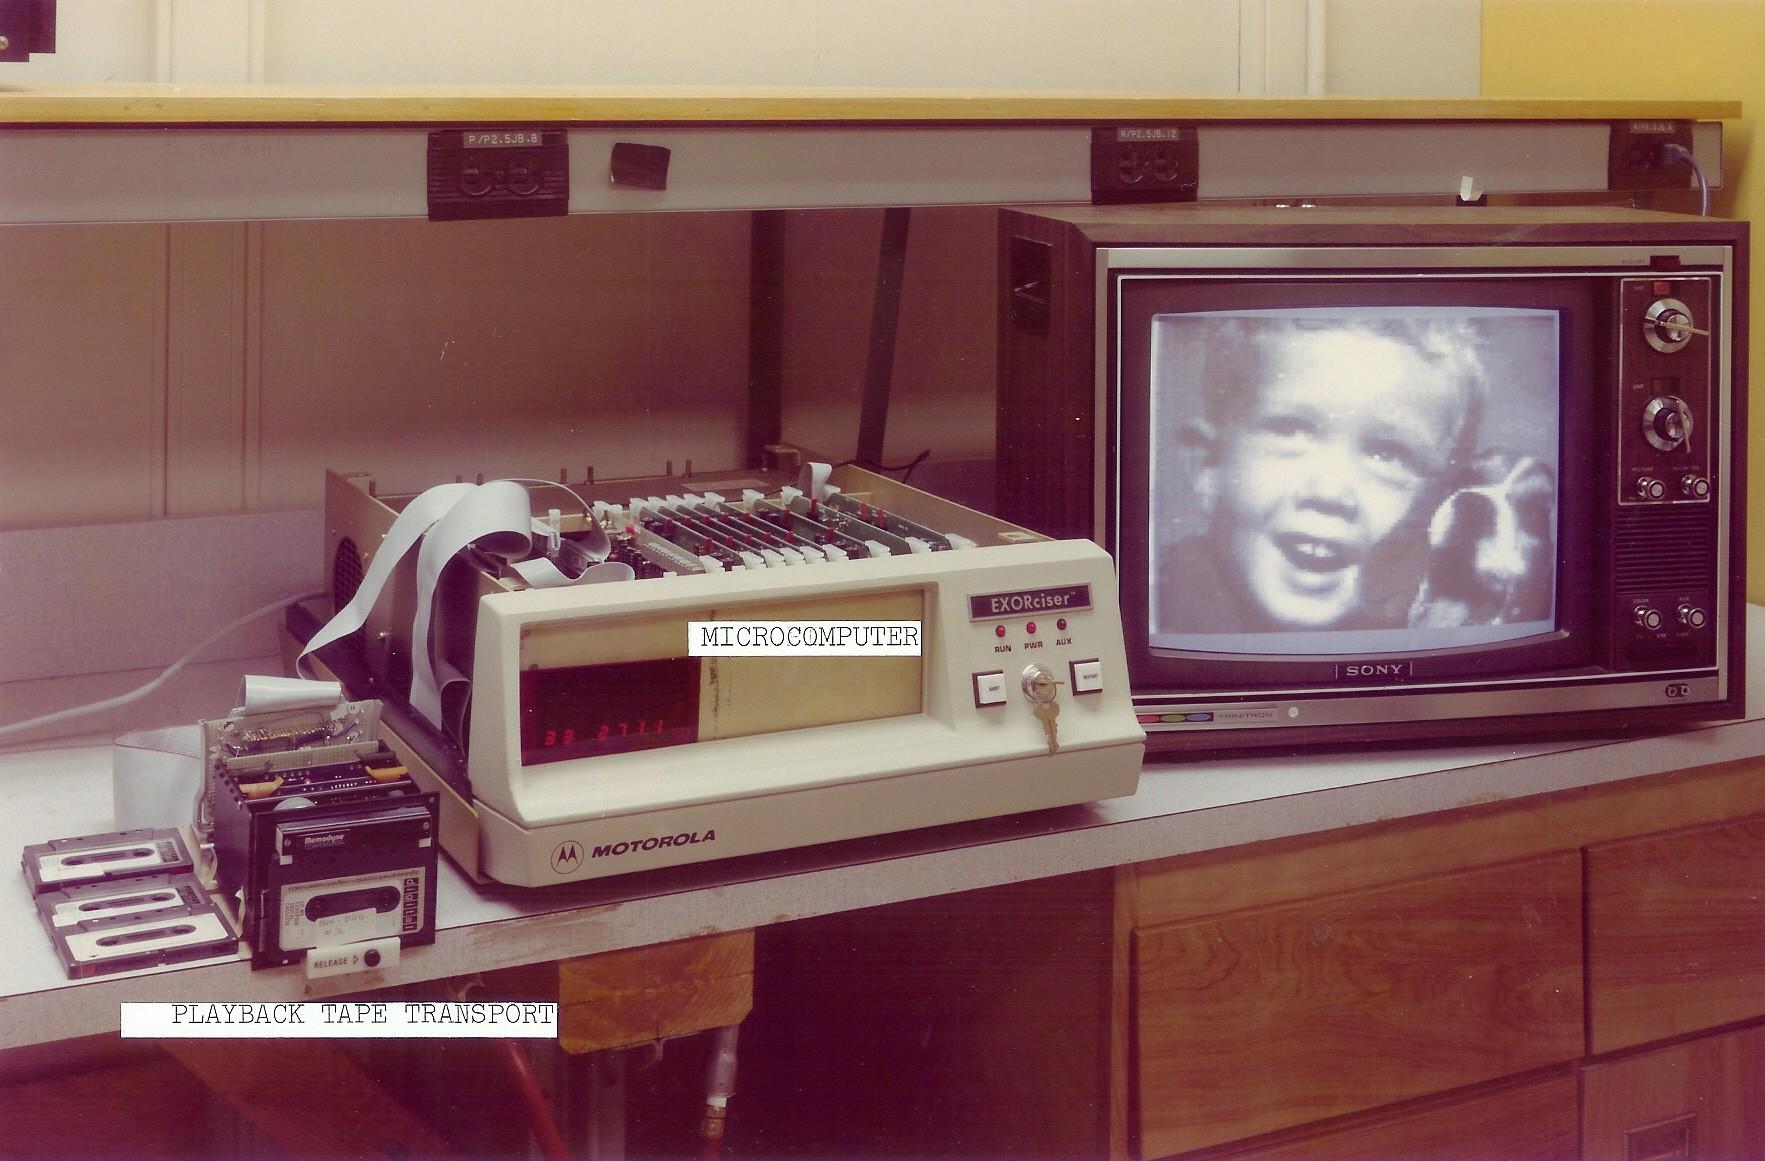 premier lecteur photo numerique kodak Le premier appareil photo numérique technologie photographie histoire featured